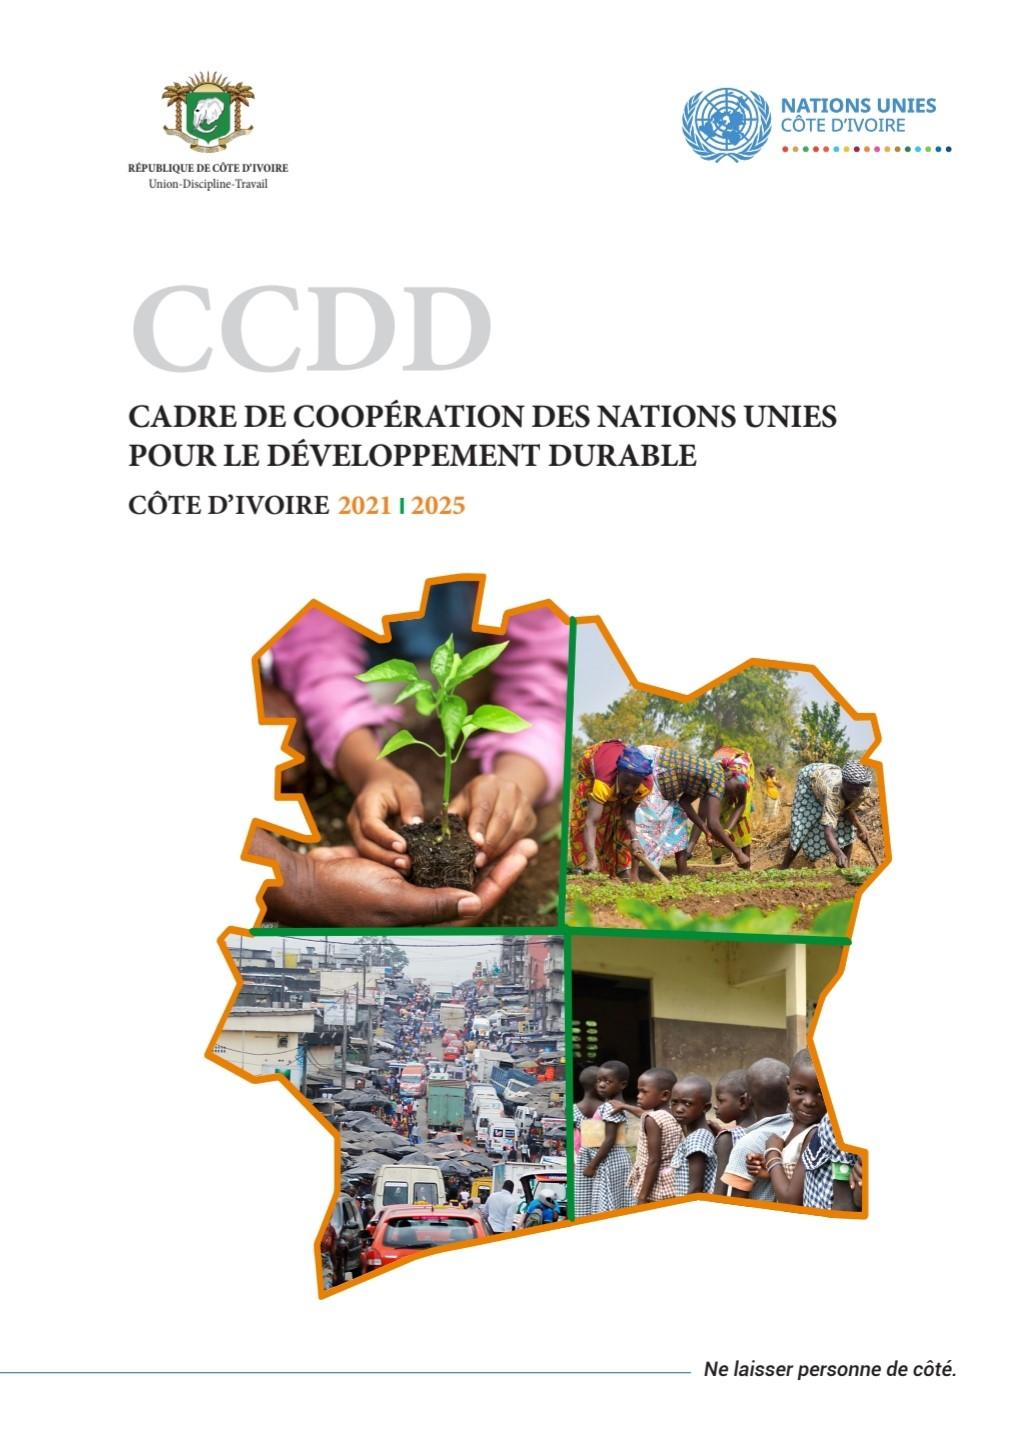 Cadre de Coopération pour le Développement Durable (CCDD) 2021-2025